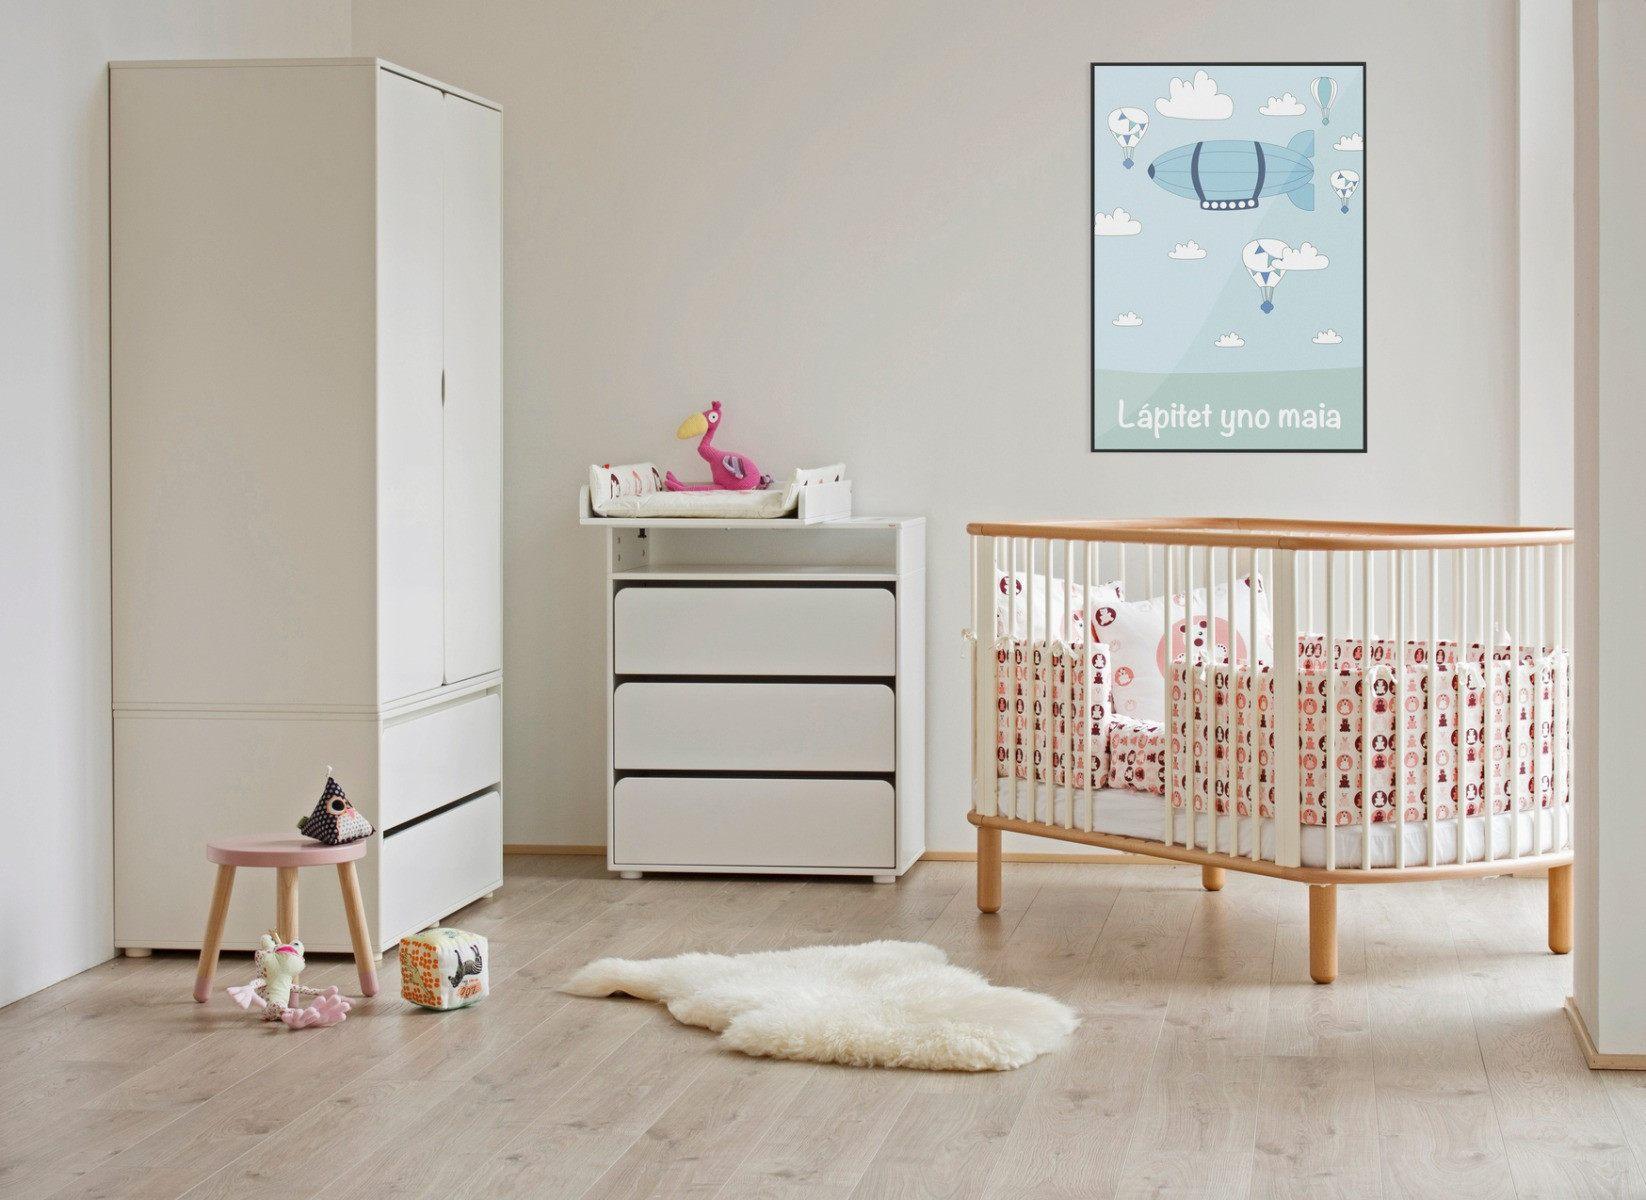 Lit Mural Ikea Belle Lit Hensvik Ikea Armoire Ikea Chambre – Appiar – Faho forfriends